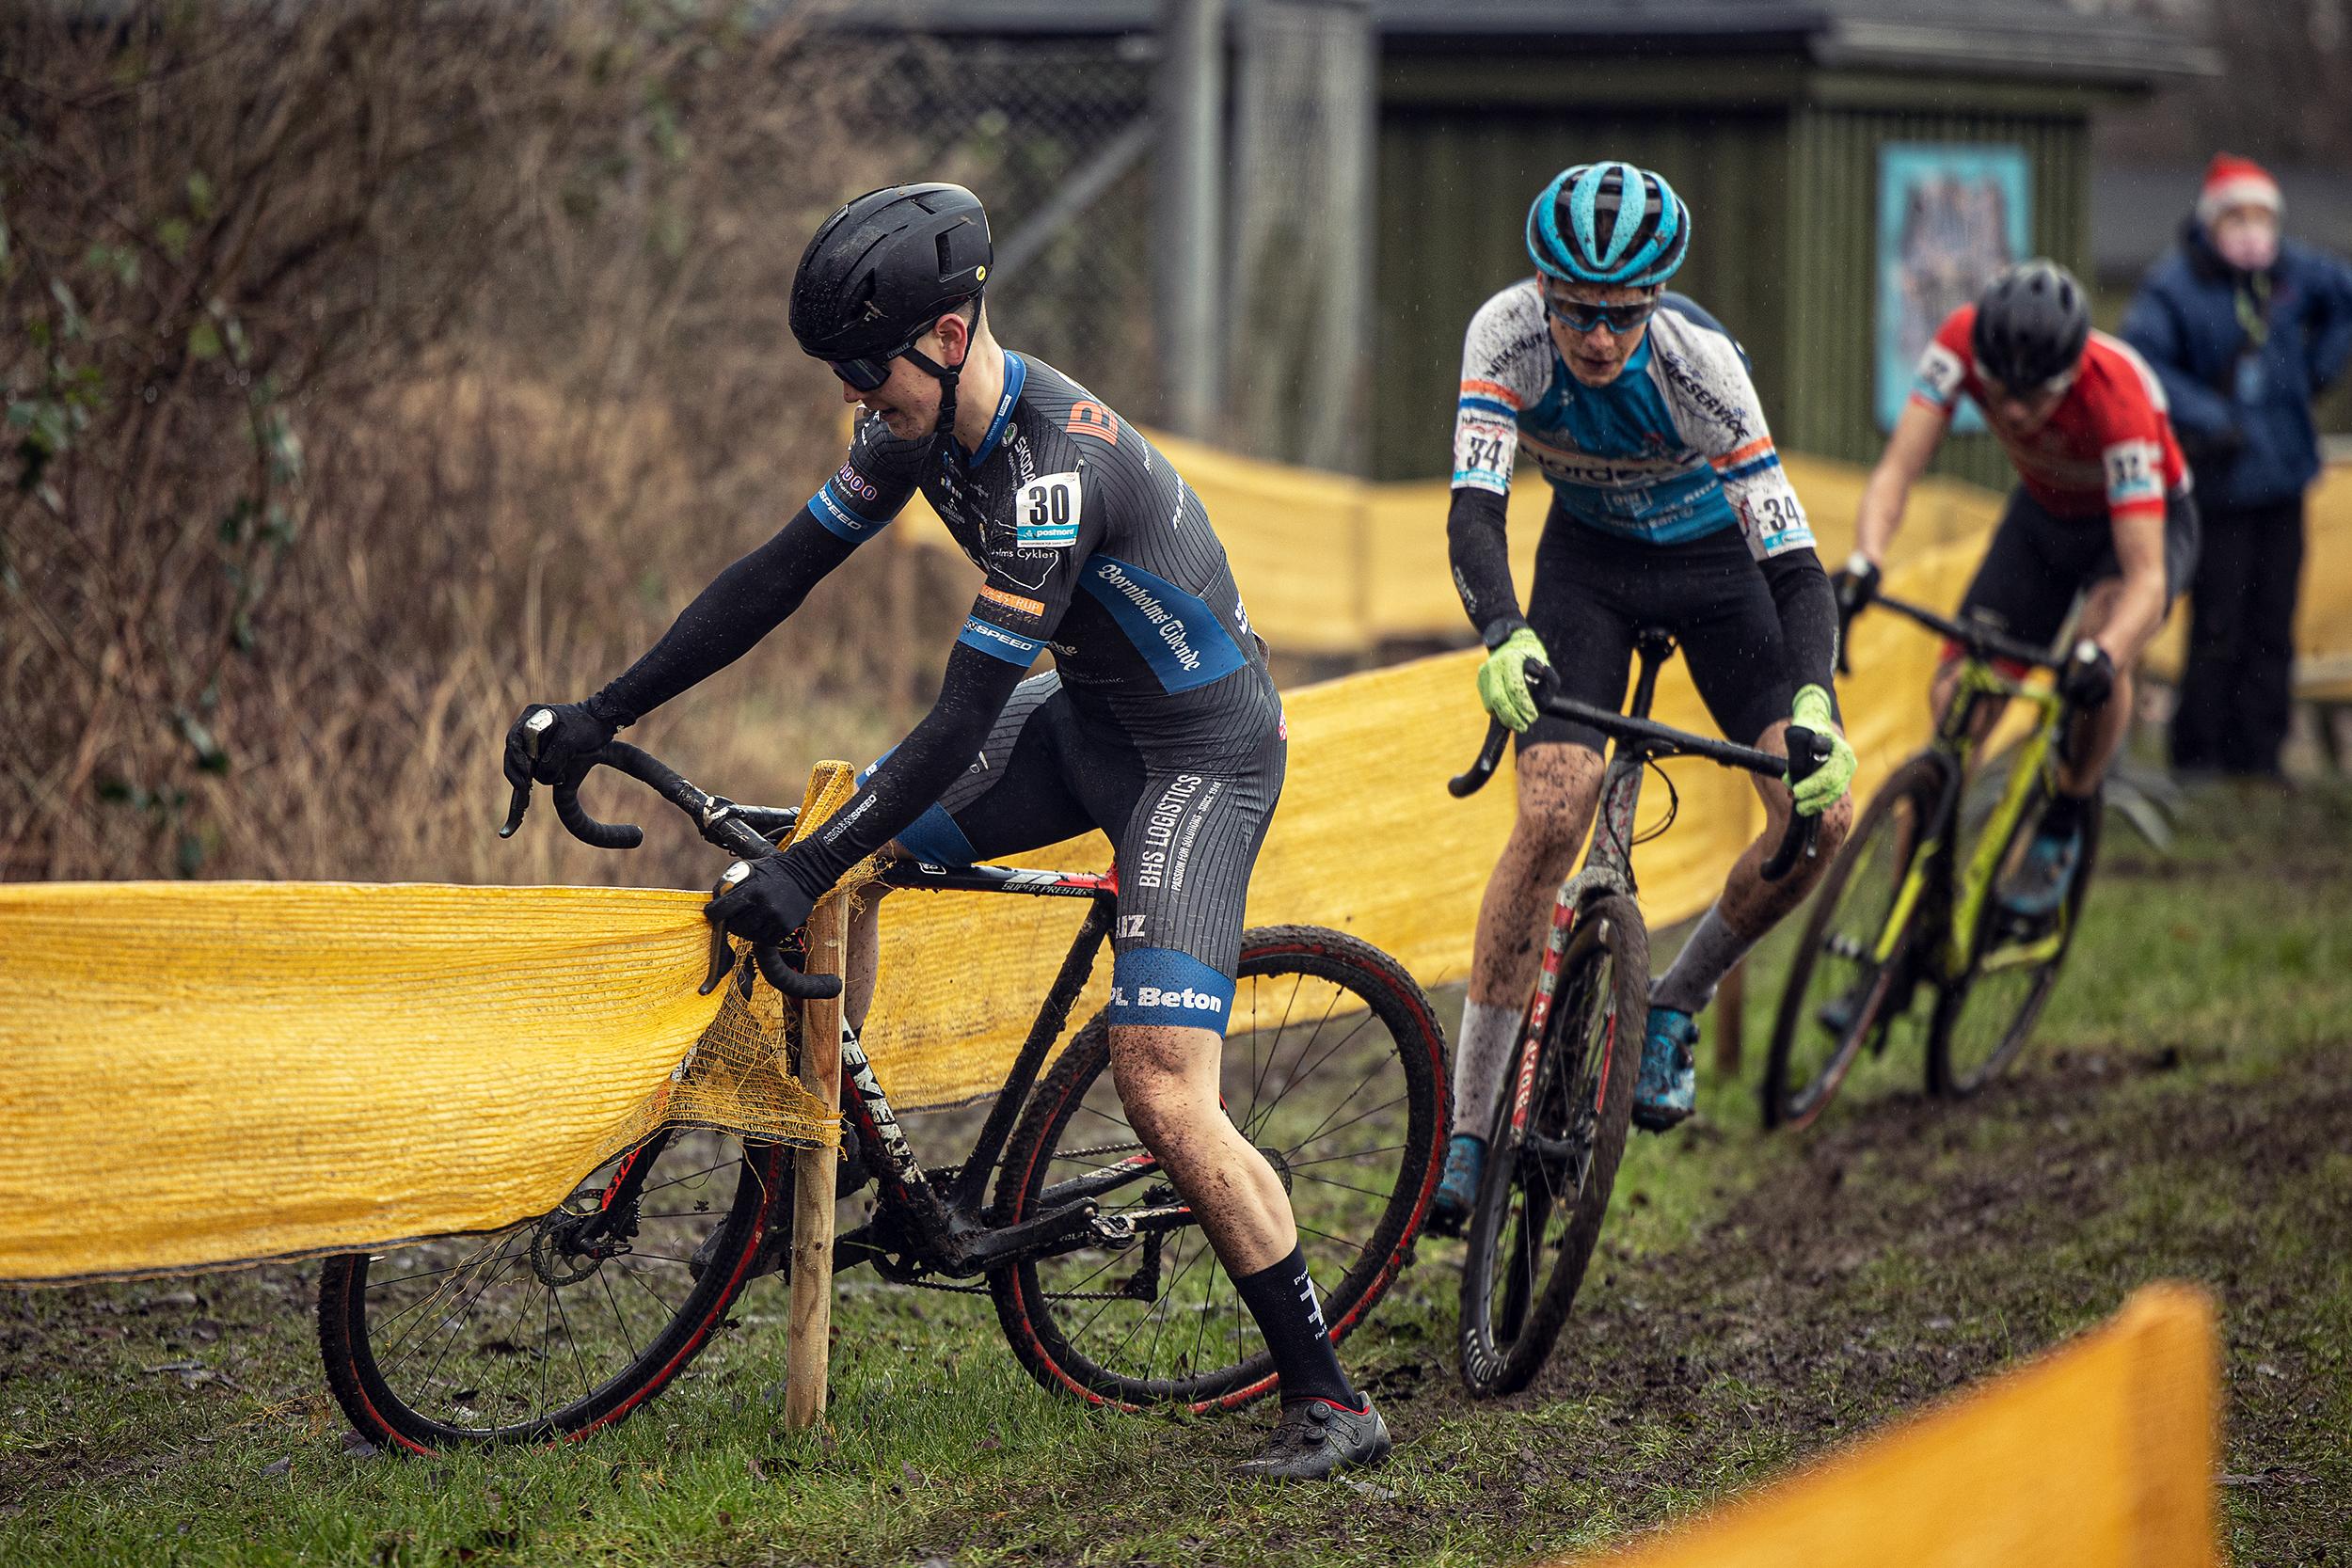 006 DM Cykelcross 2021 Aarhus